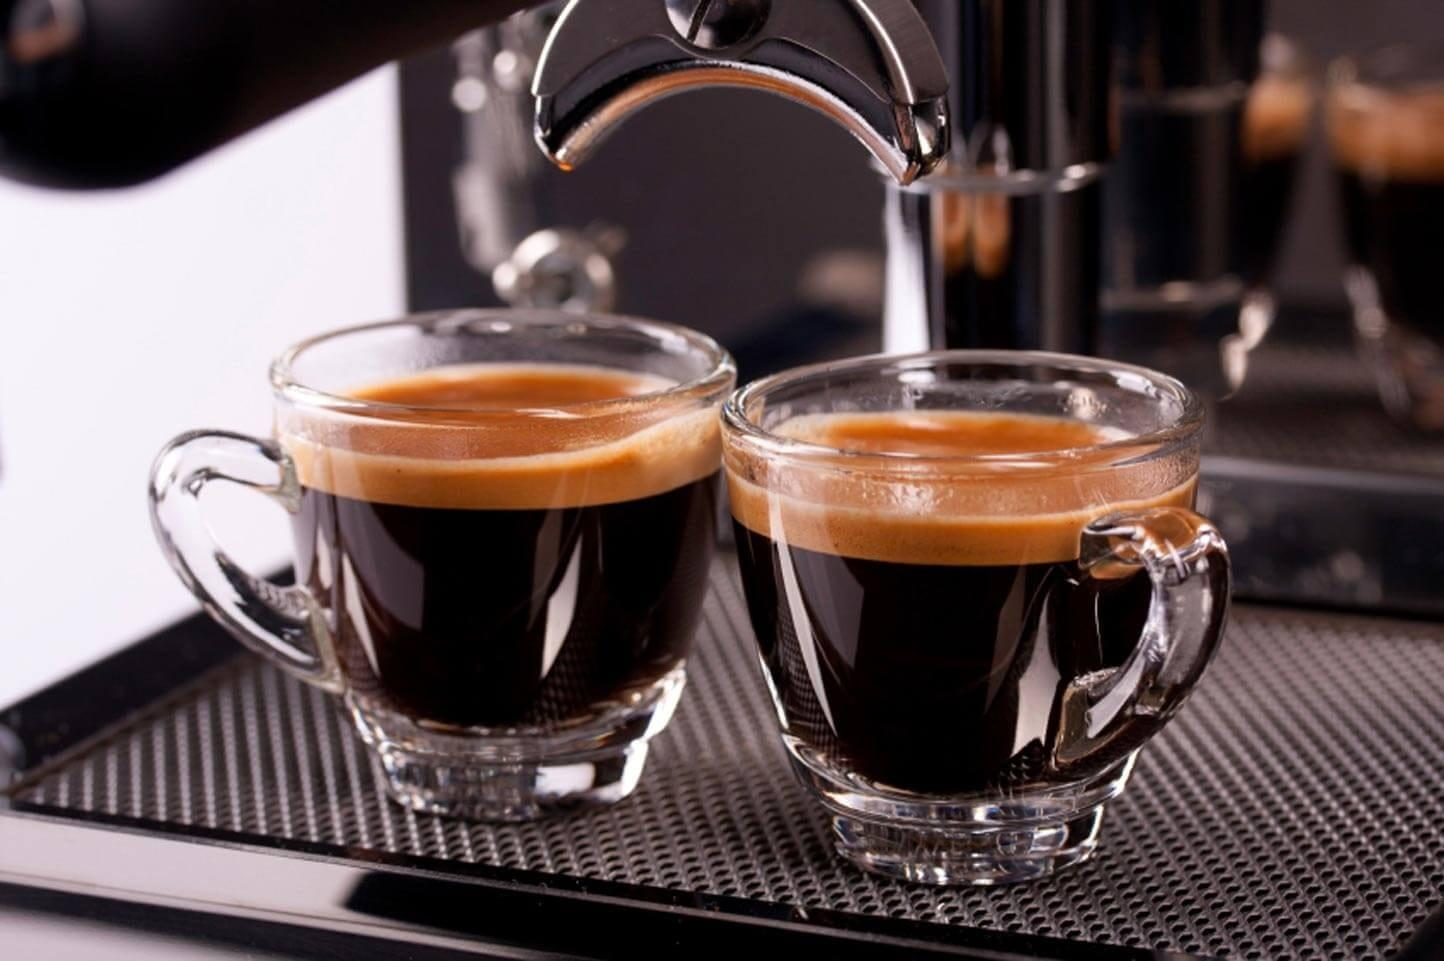 Cà phê Espresso đậm đặc